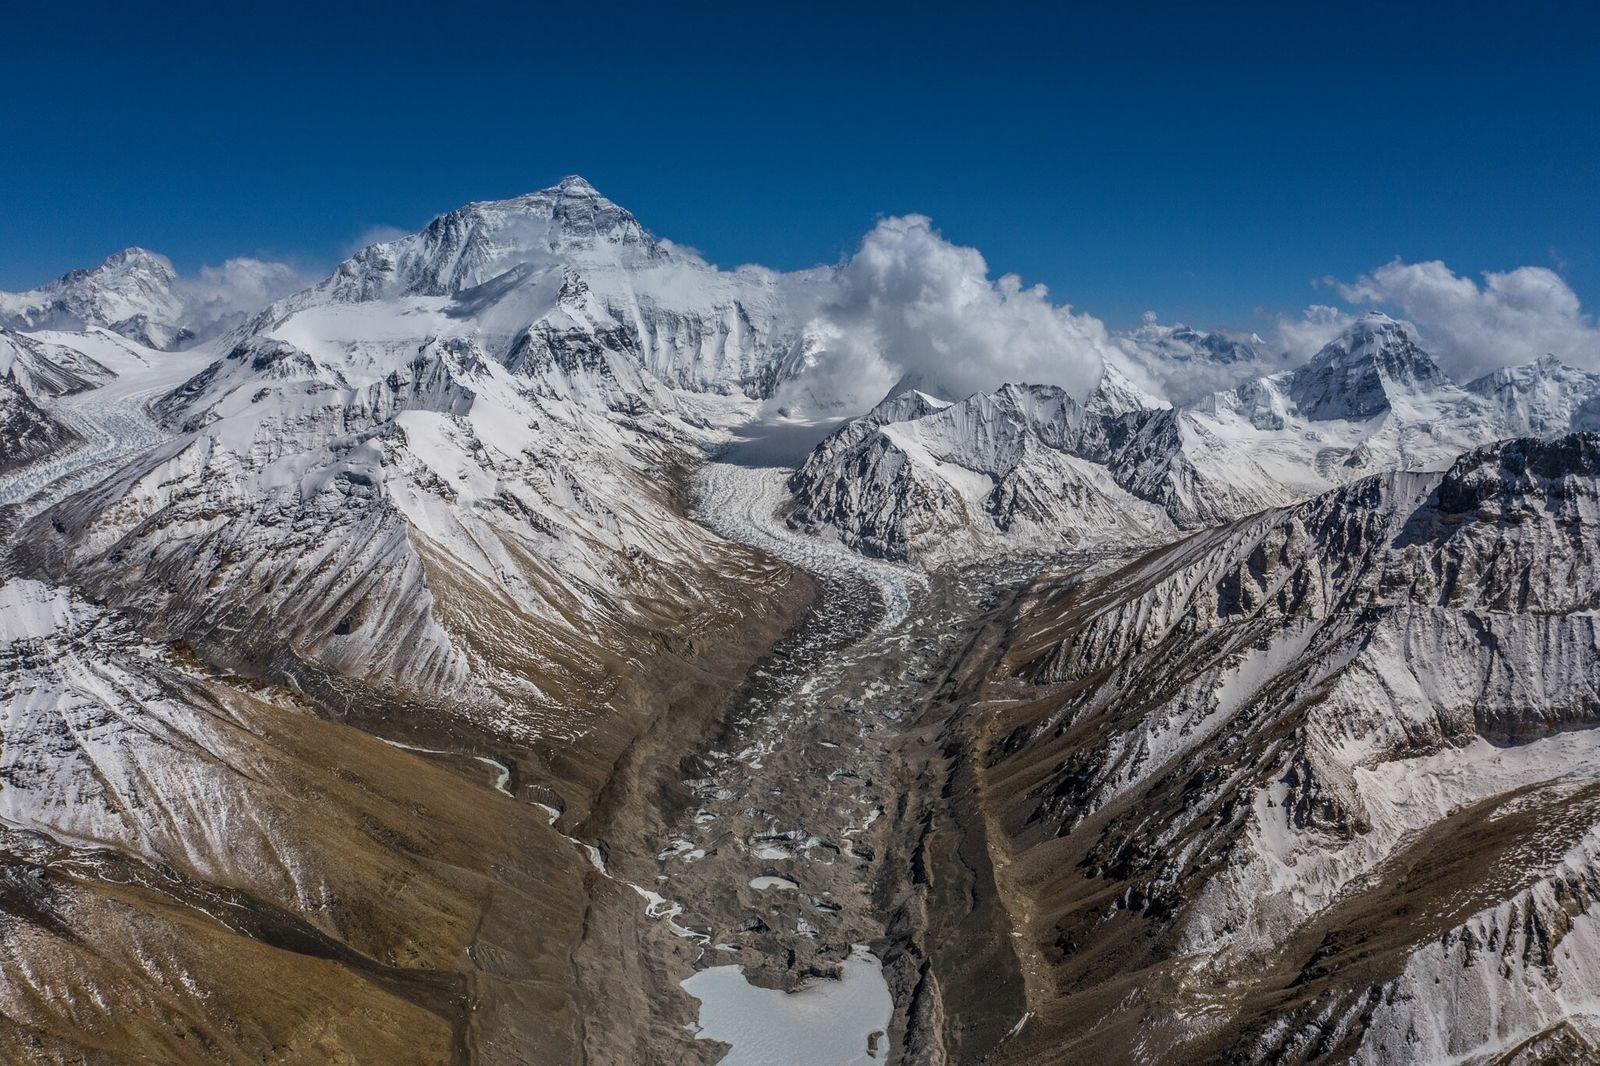 La vista desde el campamento base norte del Everest